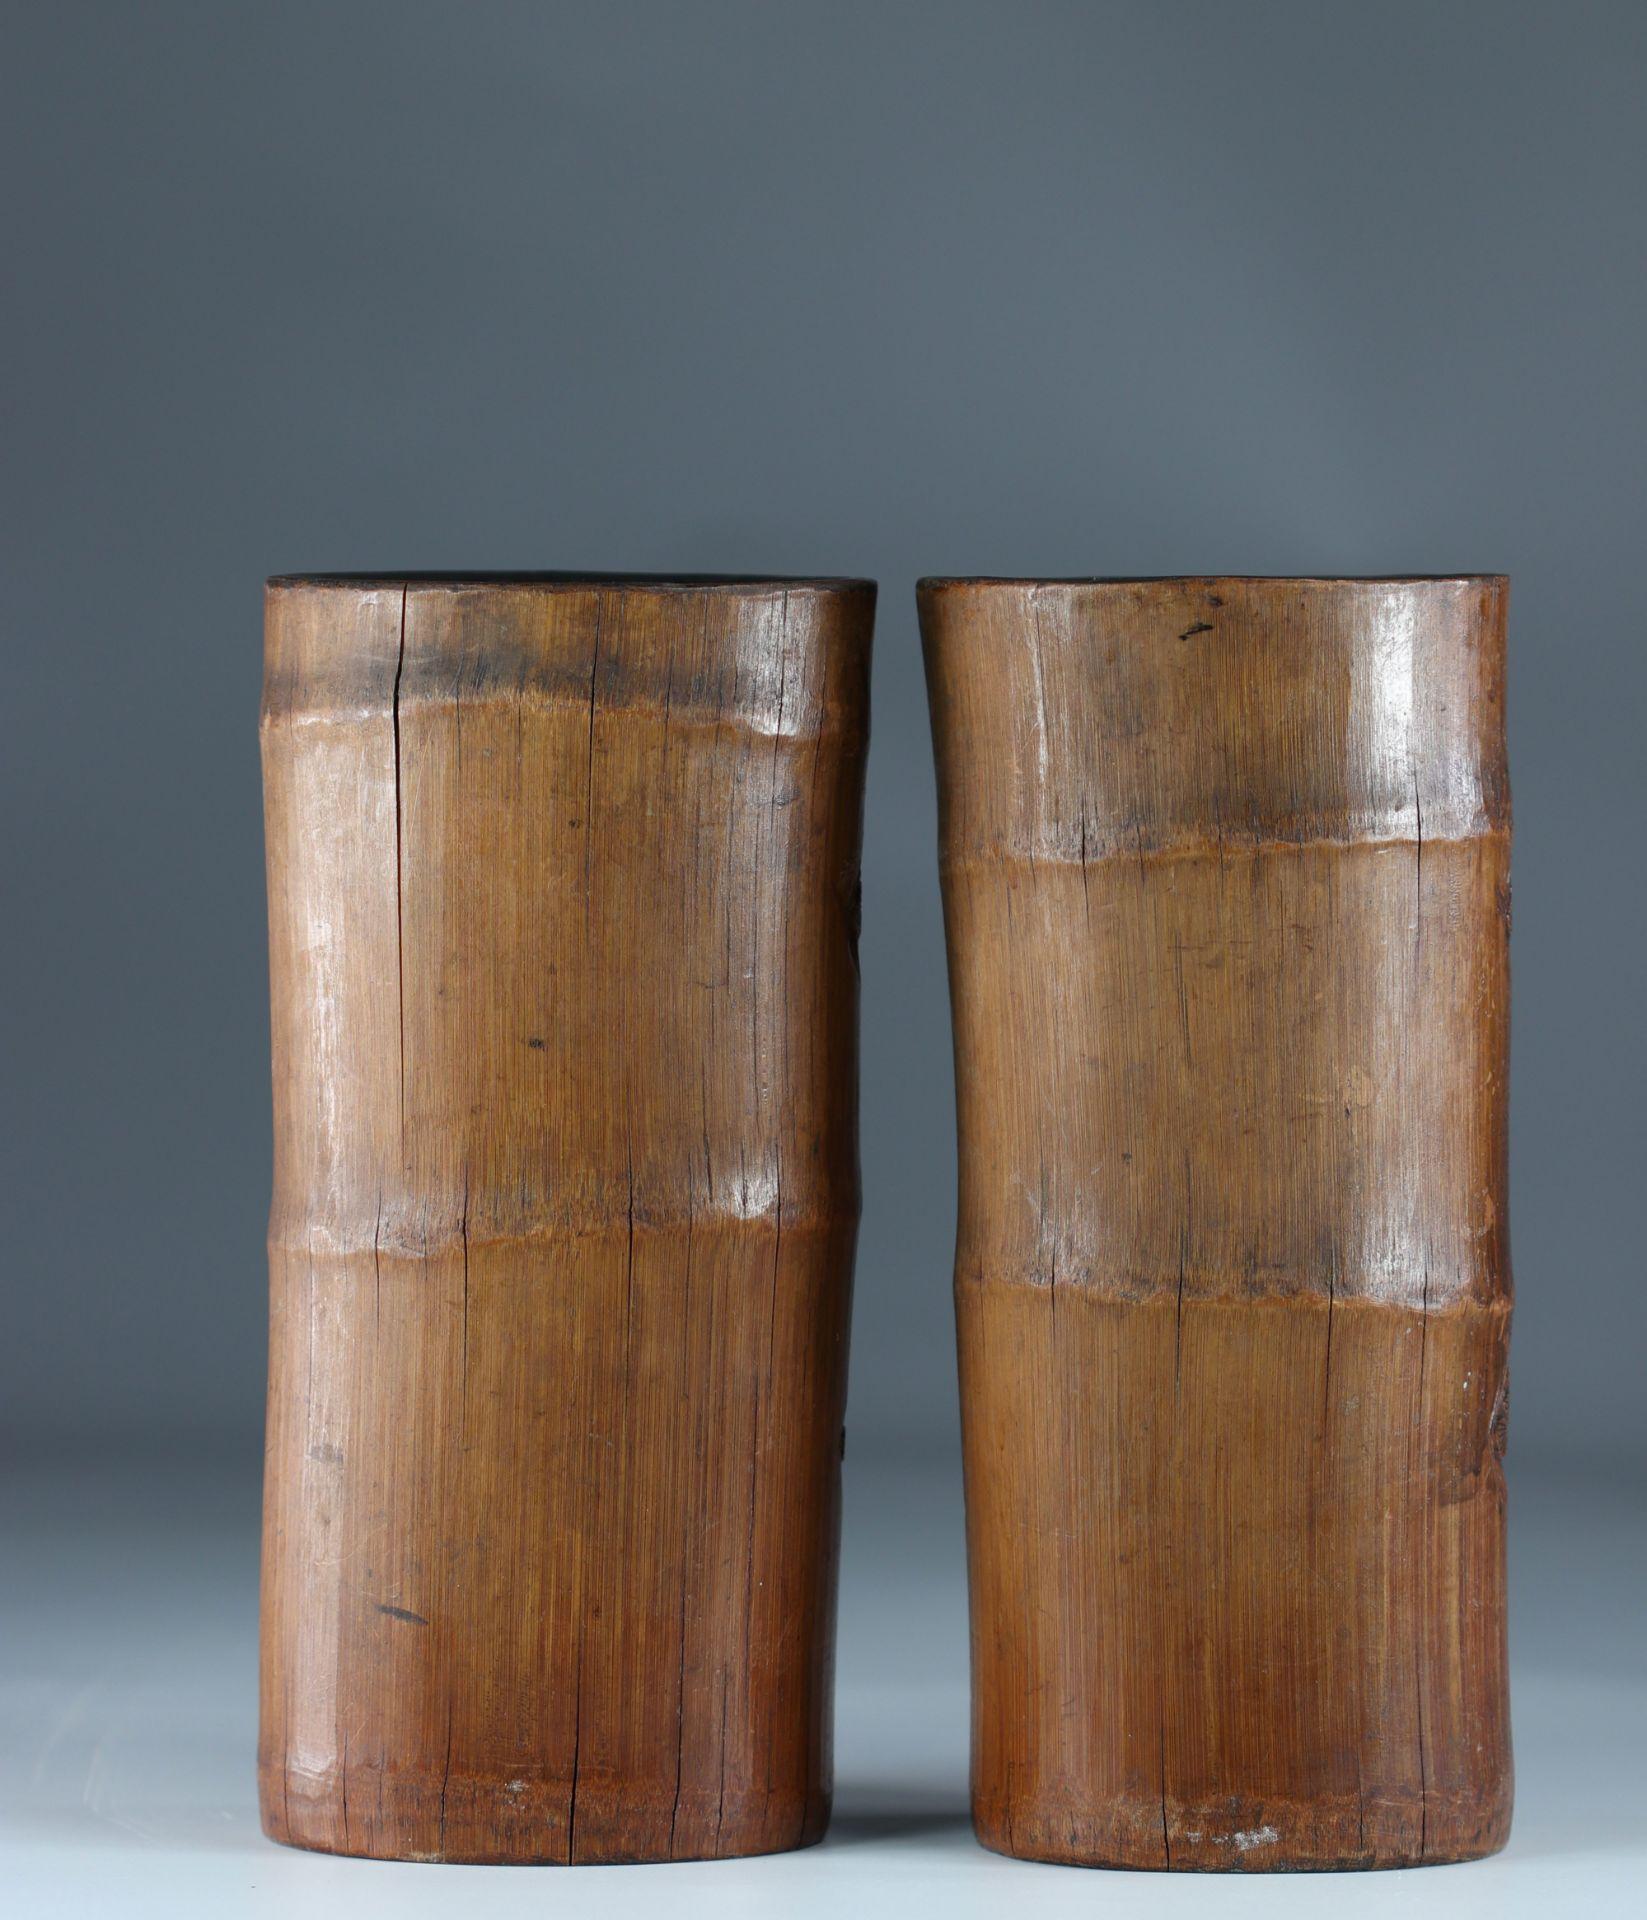 China bamboo brush holders circa 1900 - Image 3 of 3